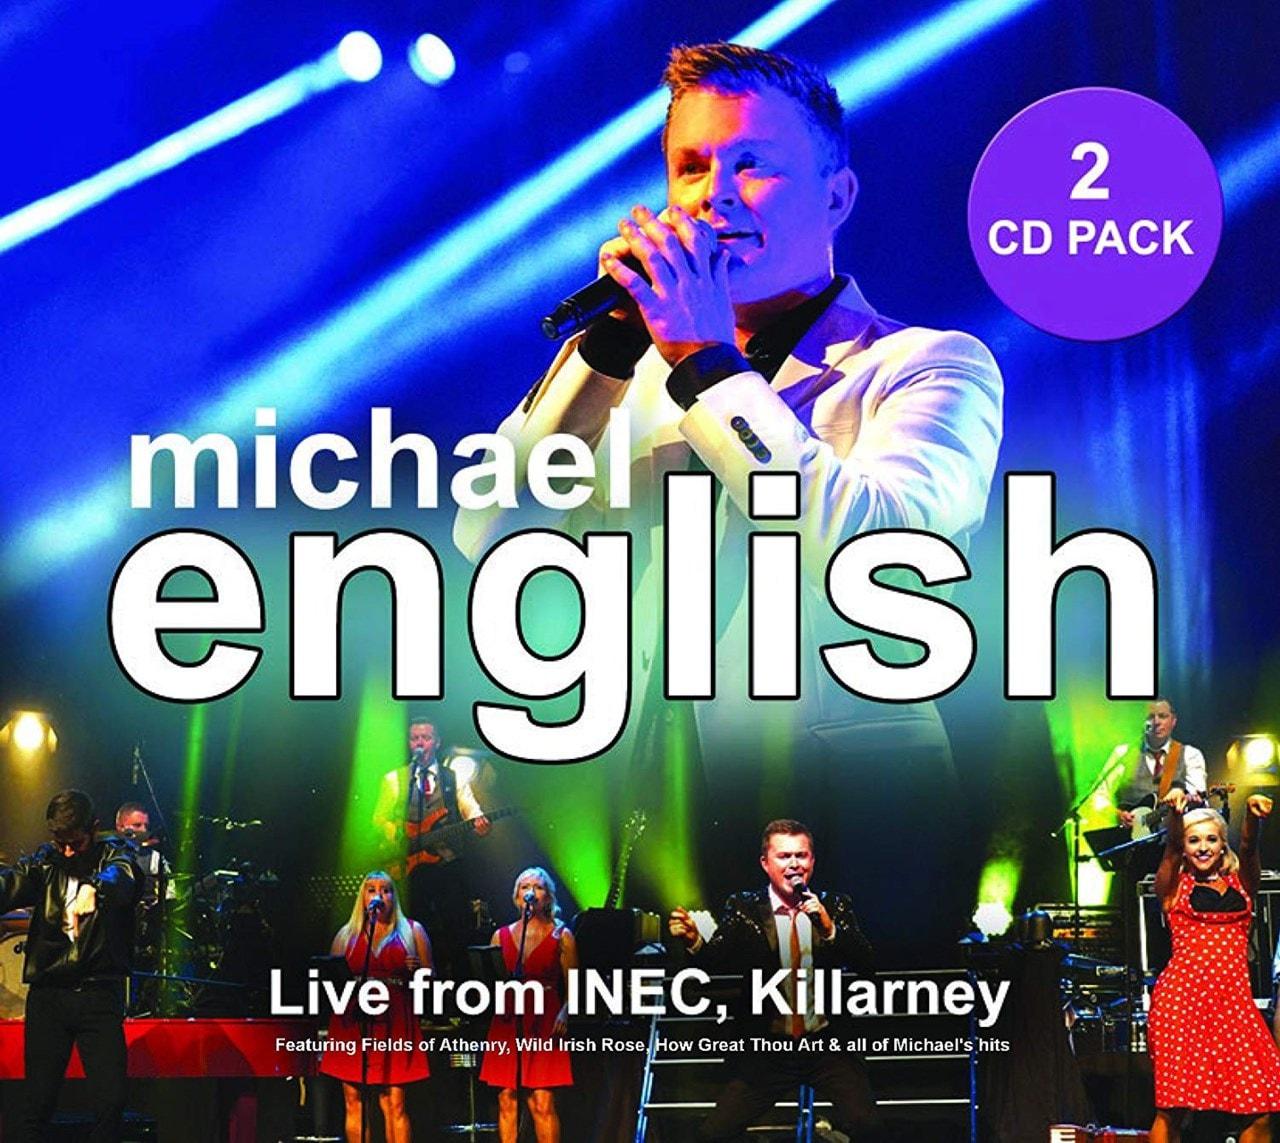 Live from INEC, Killarney - 1